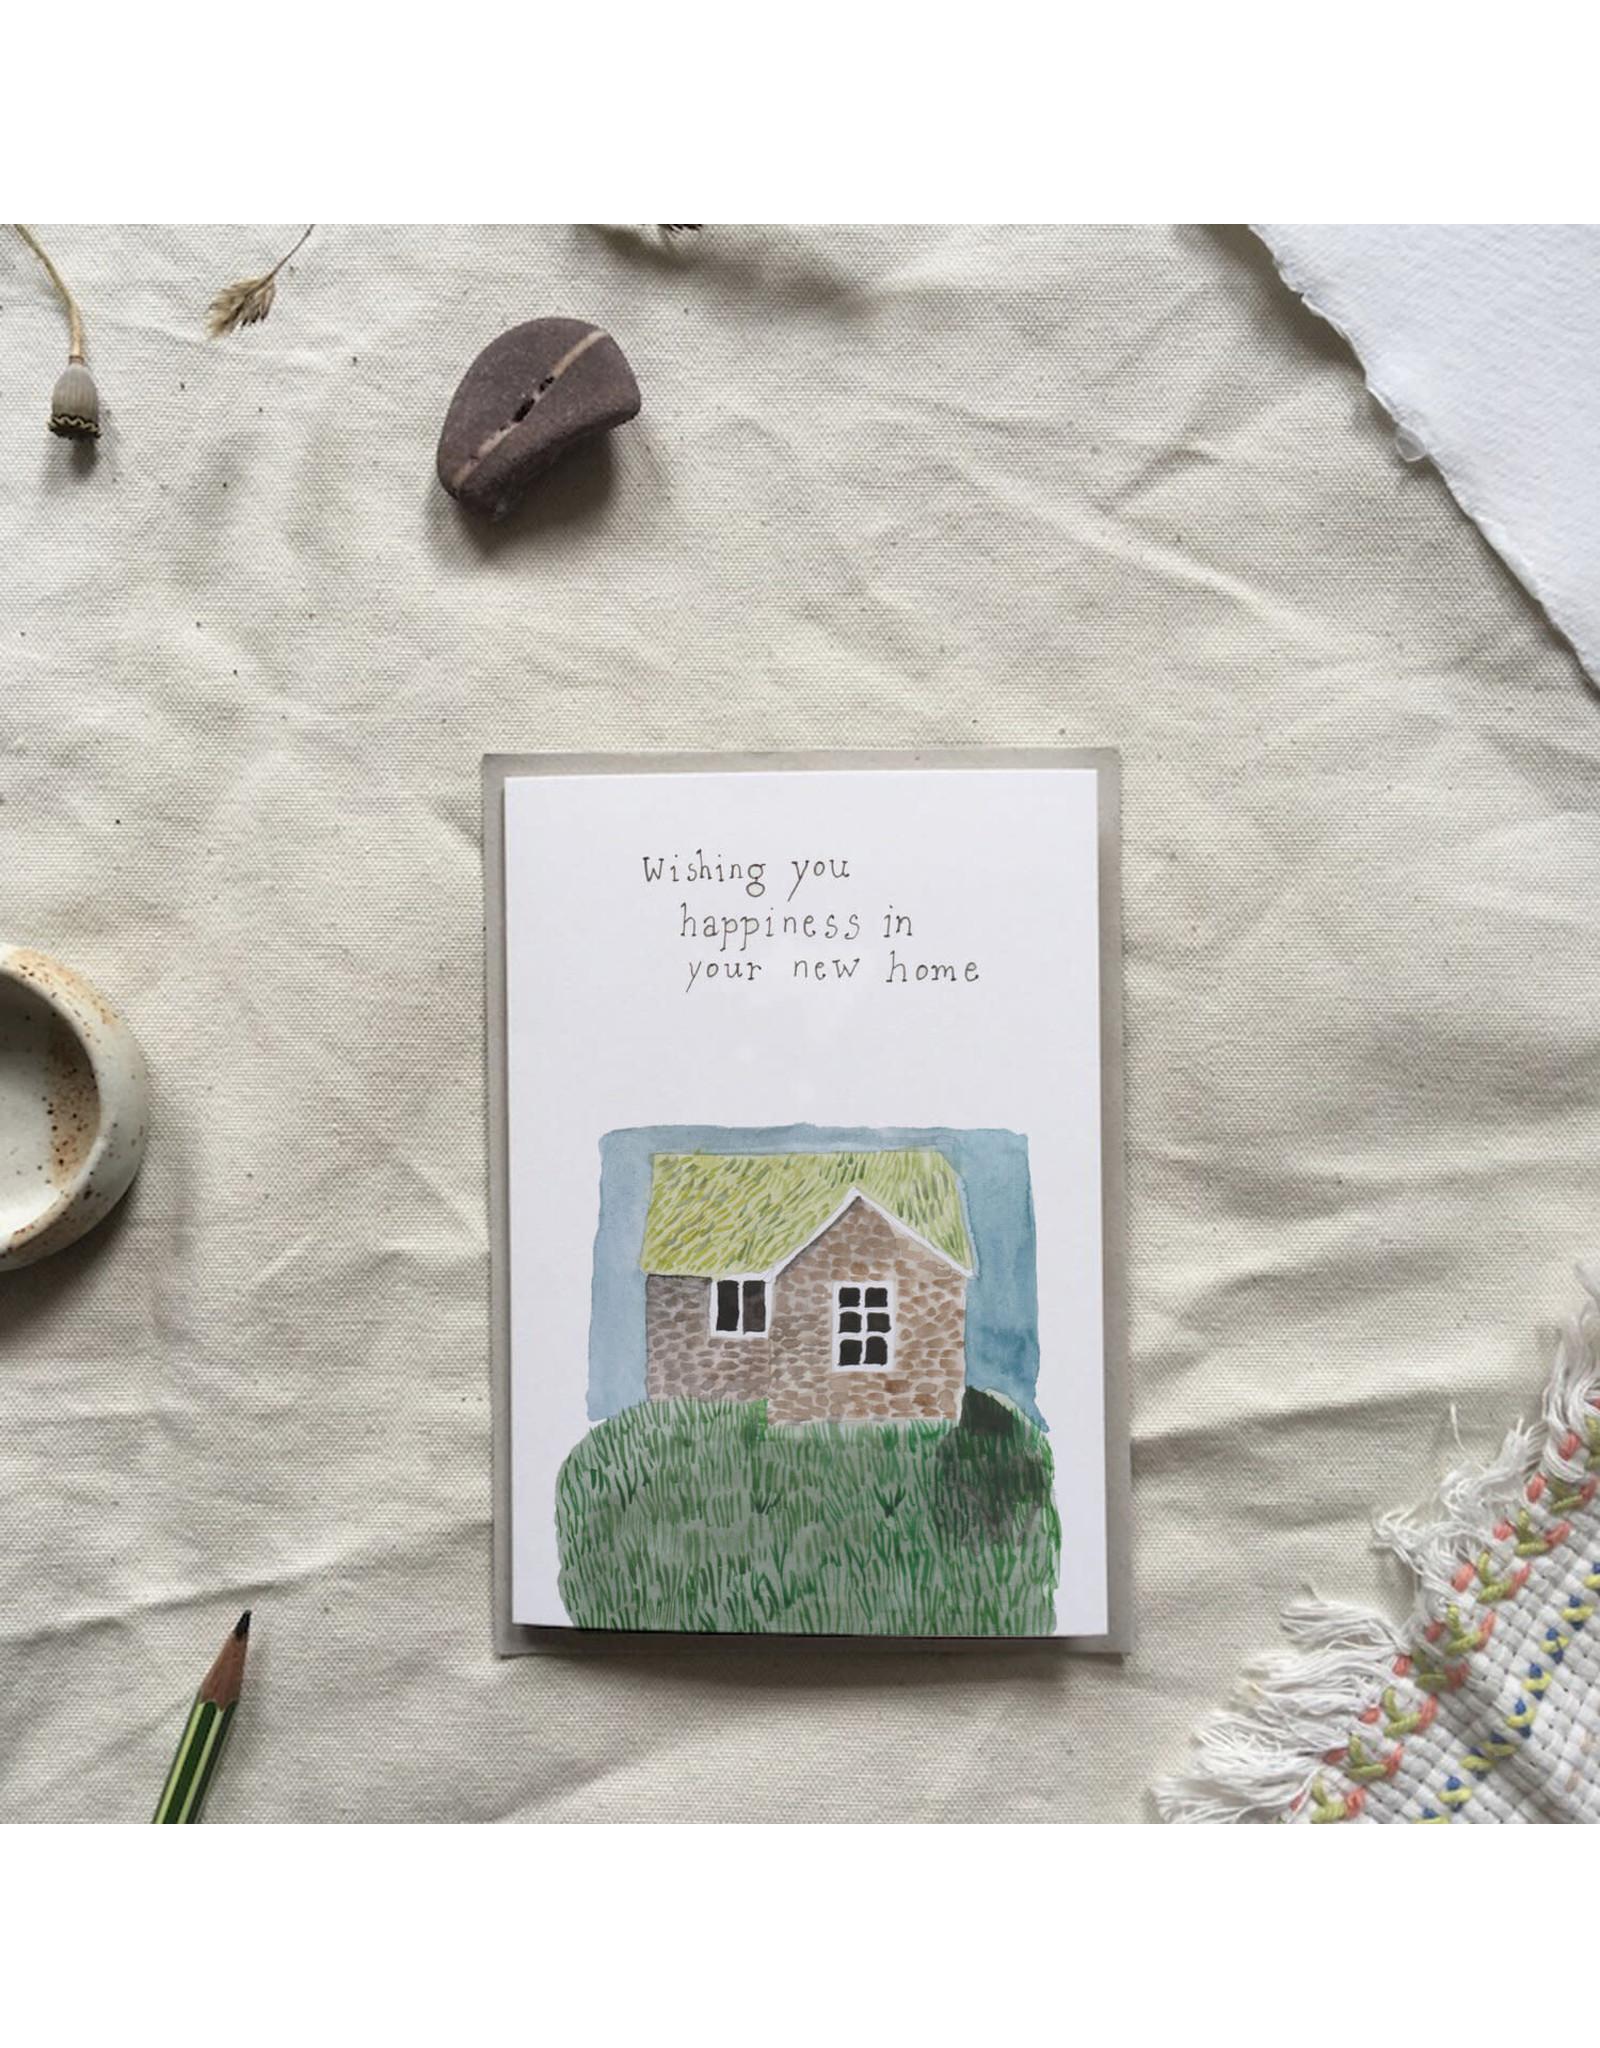 Dear Prudence Wenskaart - Croft new home  - Dubbele kaart + Envelope - 10 x 15cm